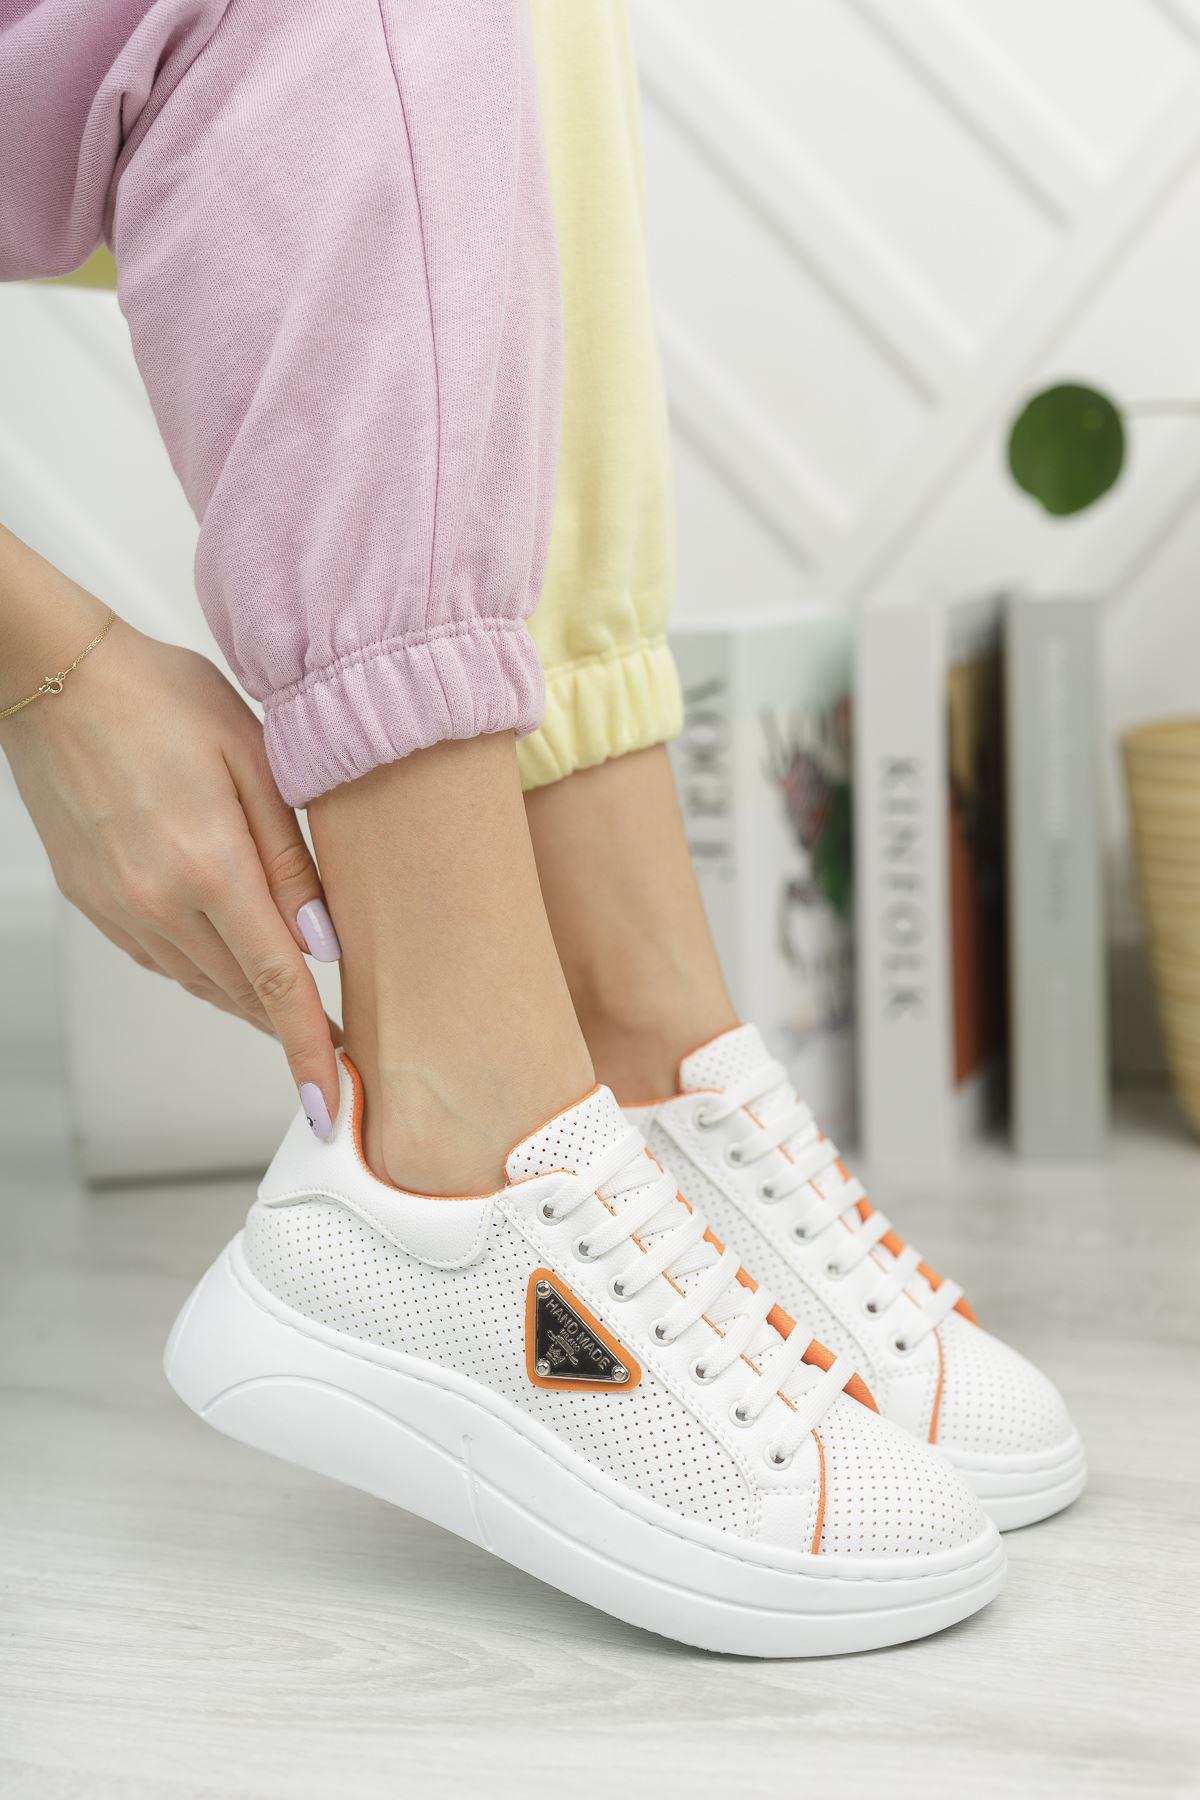 Kadın Lestas Kalın Taban Beyaz Turuncu Spor Ayakkabı Bağcıklı Mat Deri